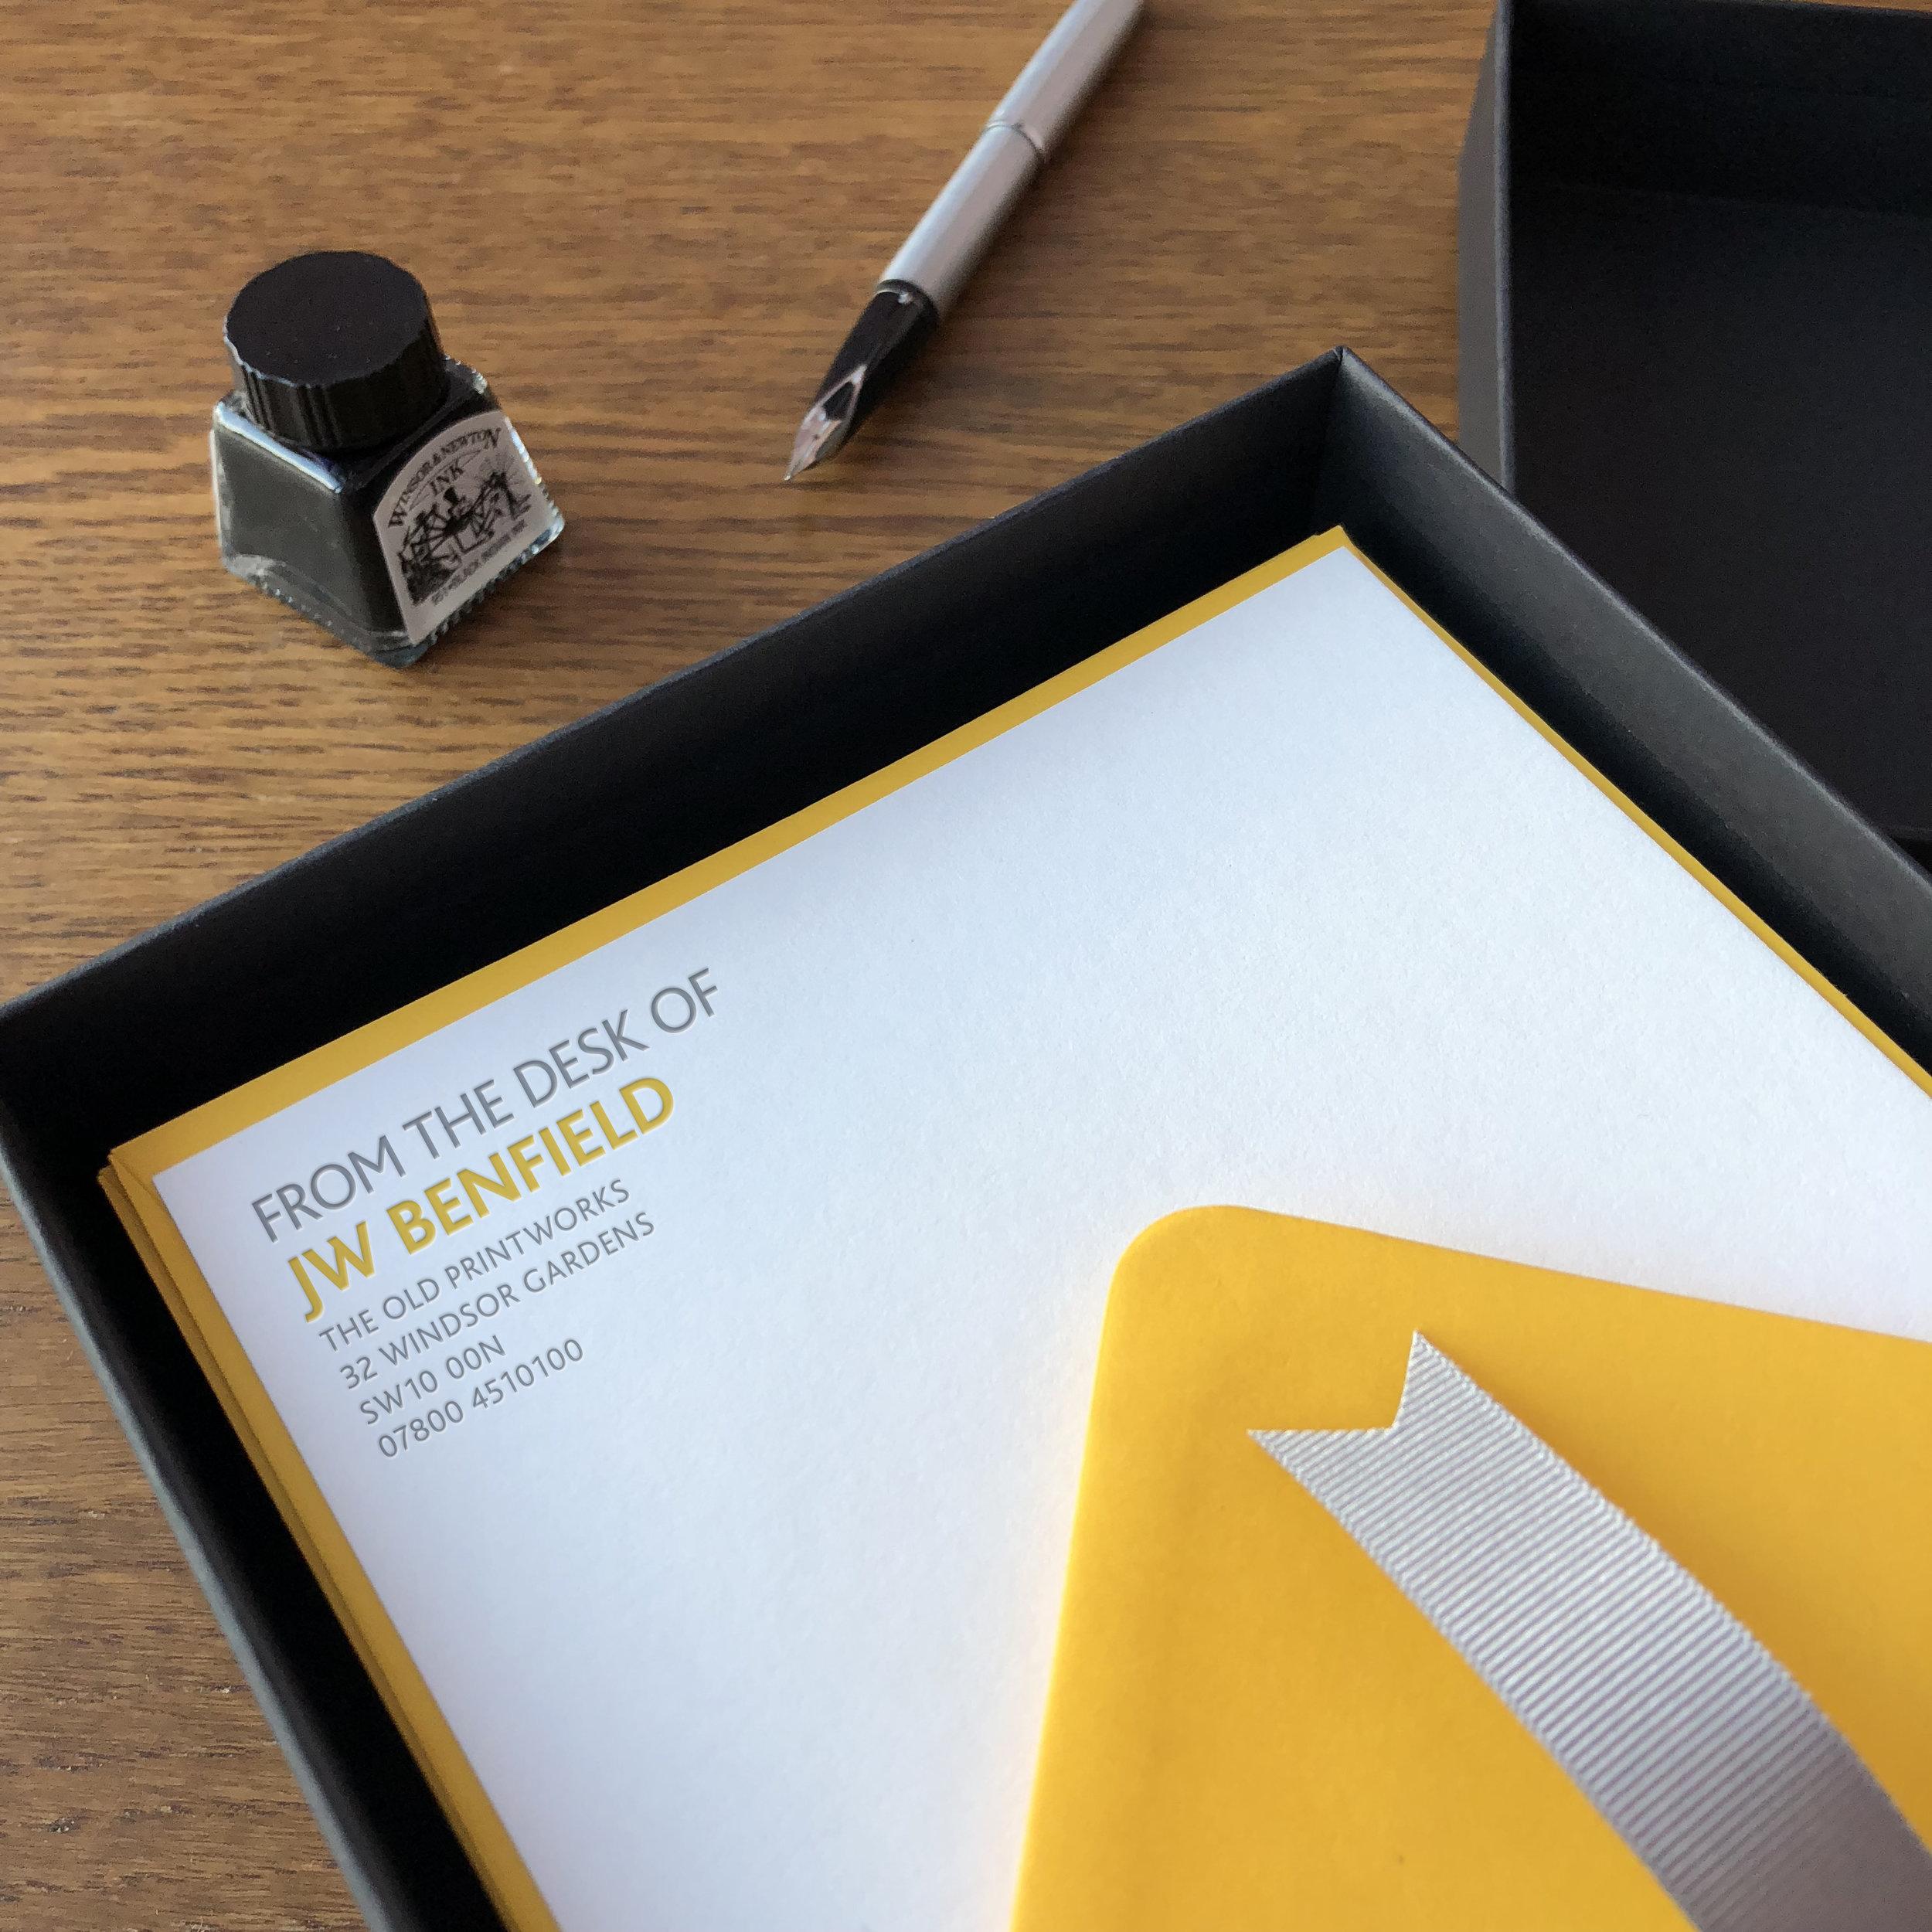 YieldInk_PersStat_Desk_Of_Yellow.jpg